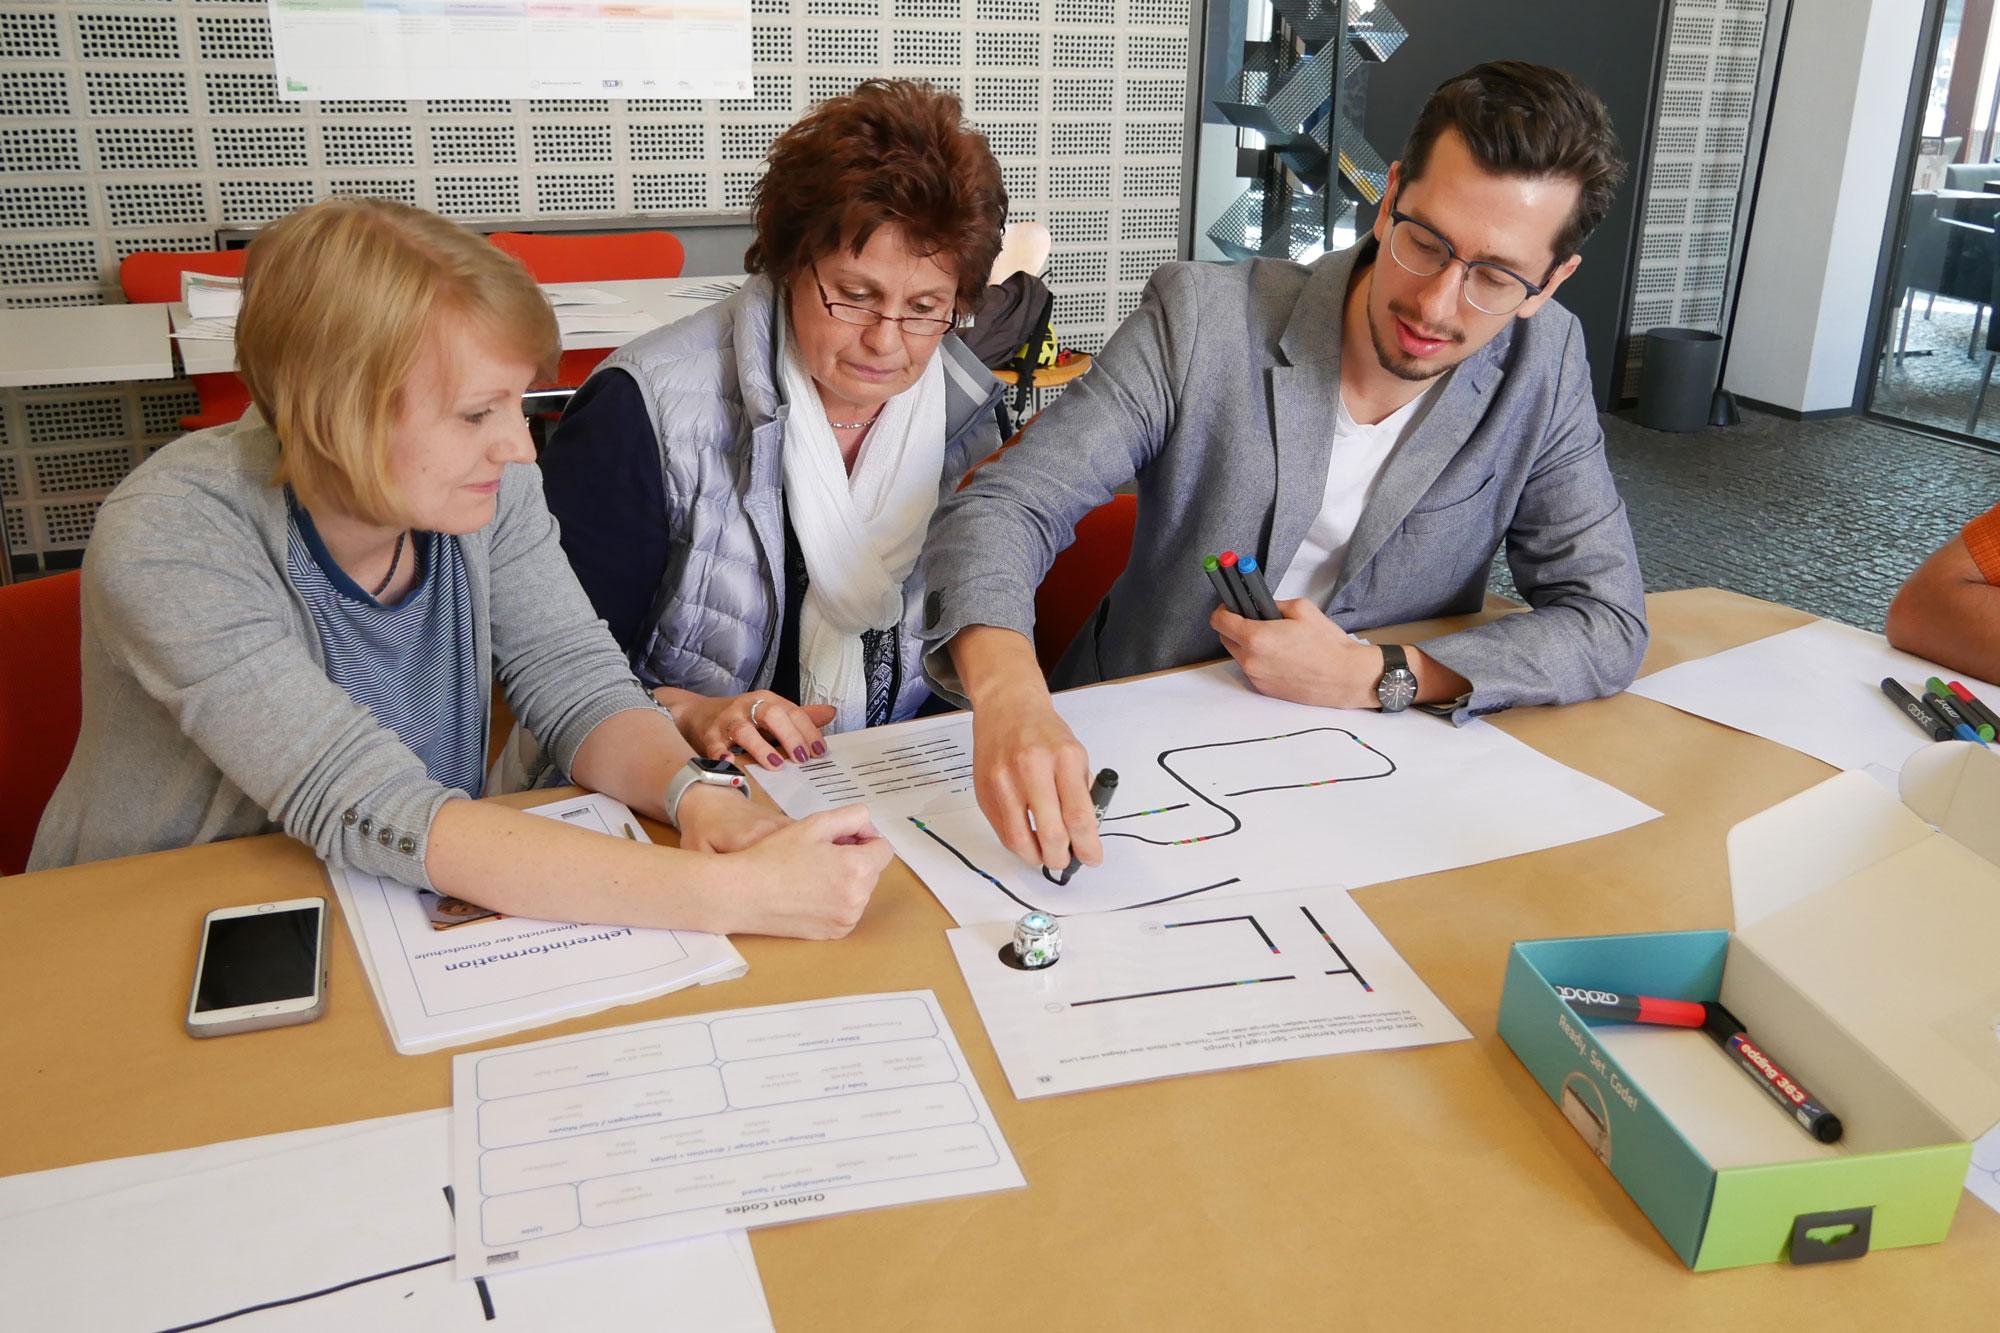 """Viel Spaß beim Ausprobieren hatten die Lehrkräfte, die sich  am """"Make IT""""-Tag der Stadtbücherei über das neue Angebot informierten. (Foto: Stadt Münster)"""